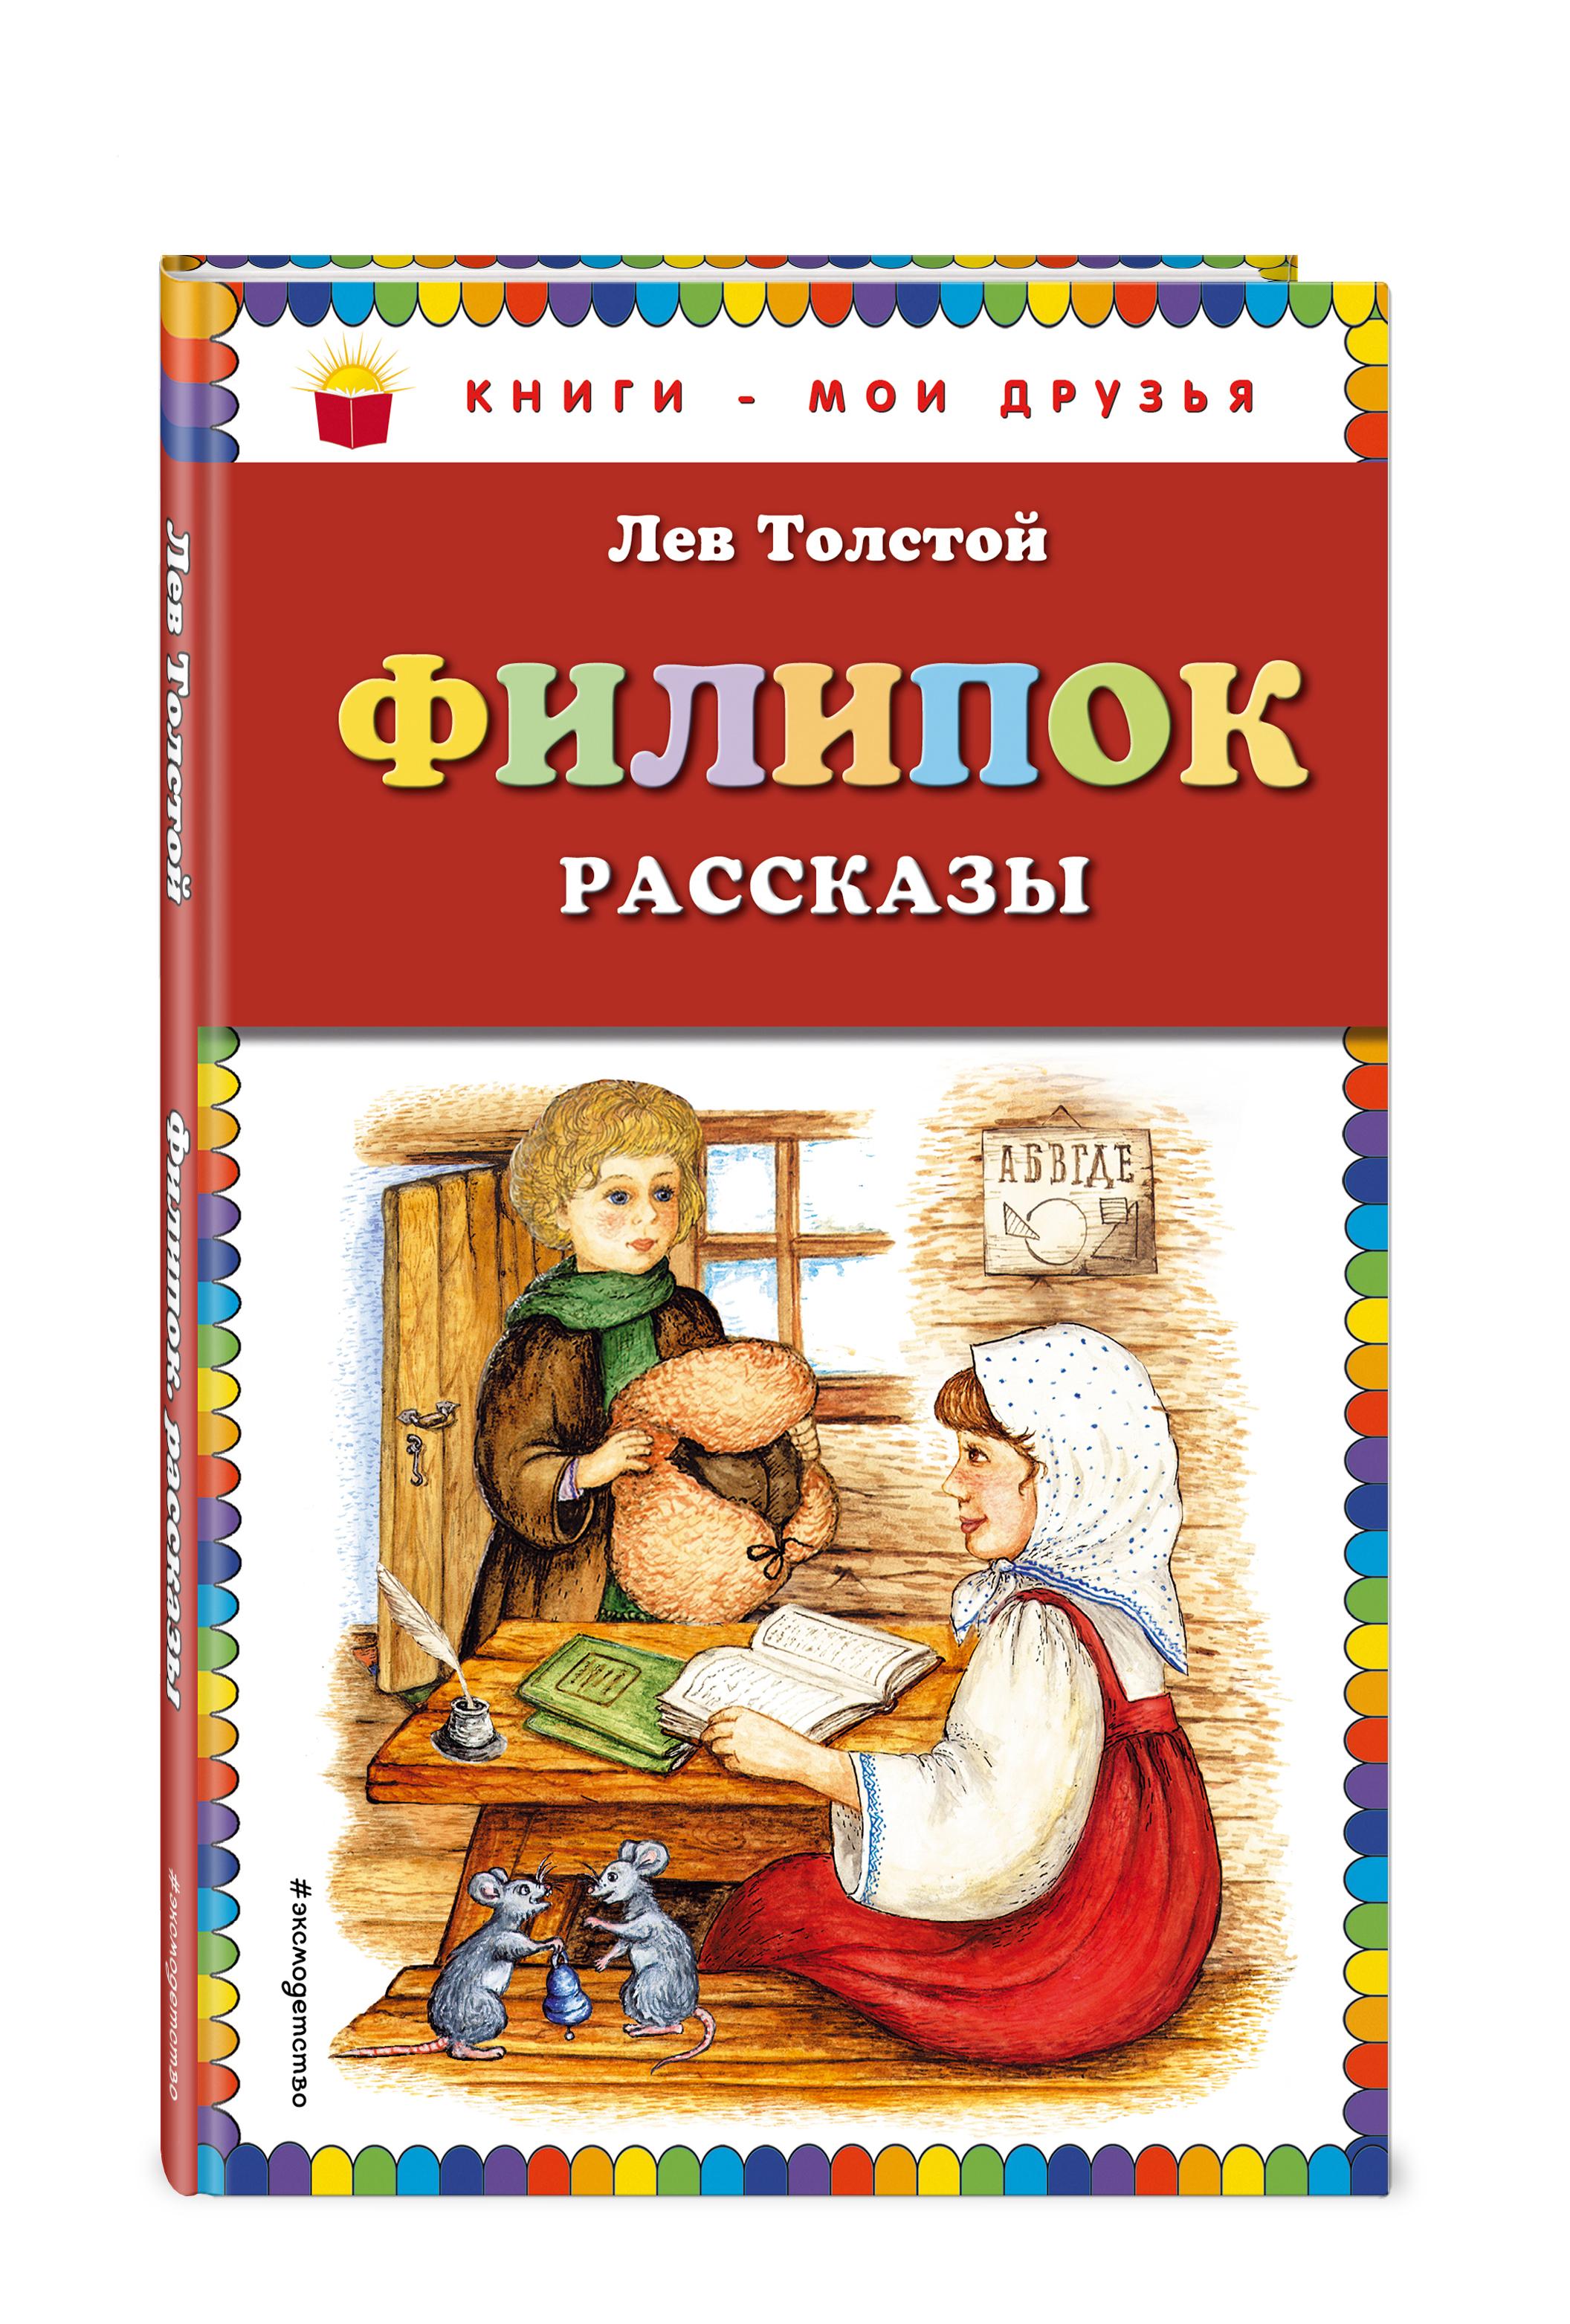 Филипок: рассказы ( Толстой Л.Н.  )